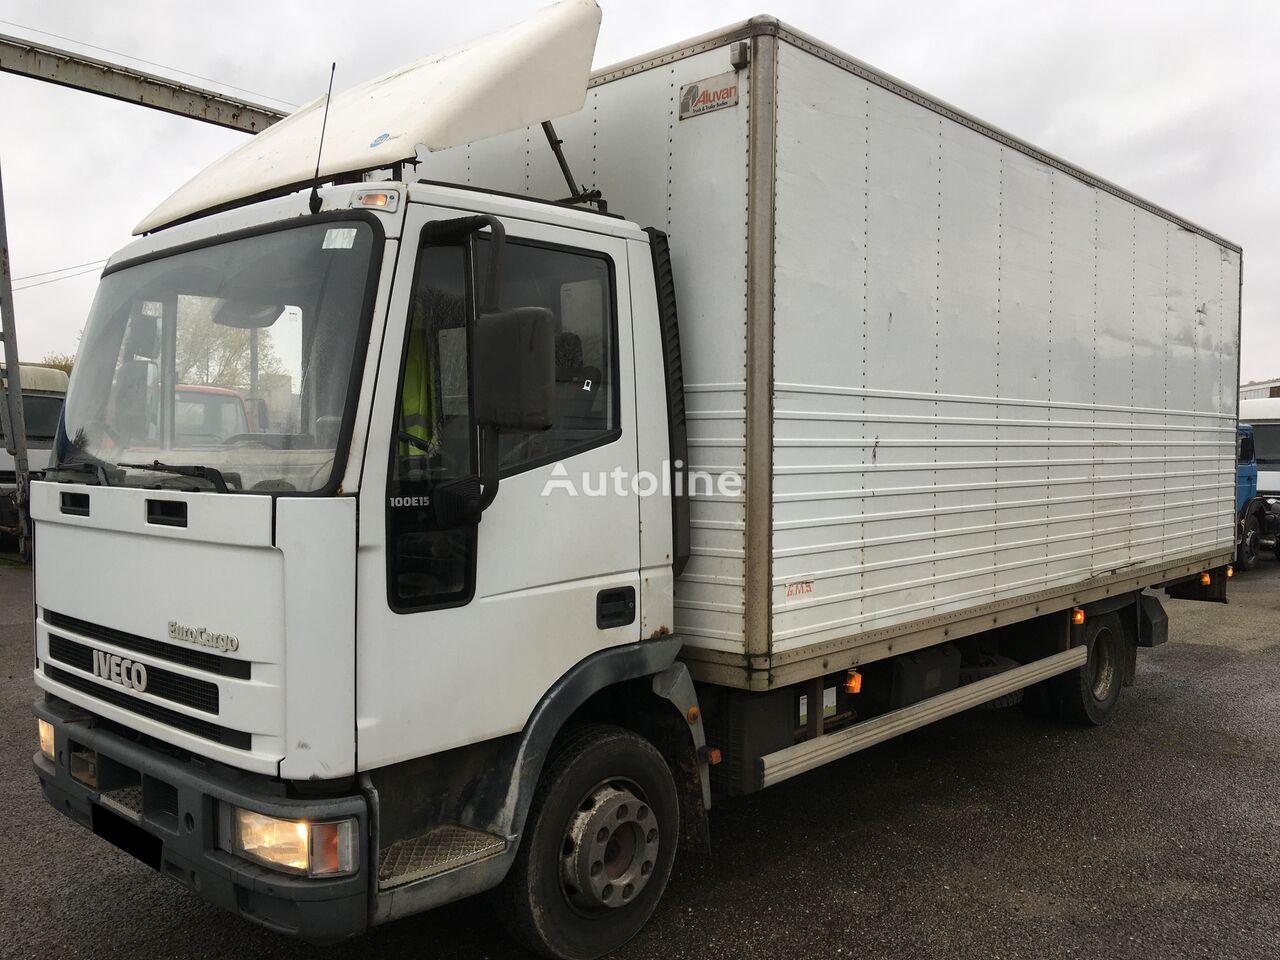 IVECO eurocargo 100E15 fourgon box truck